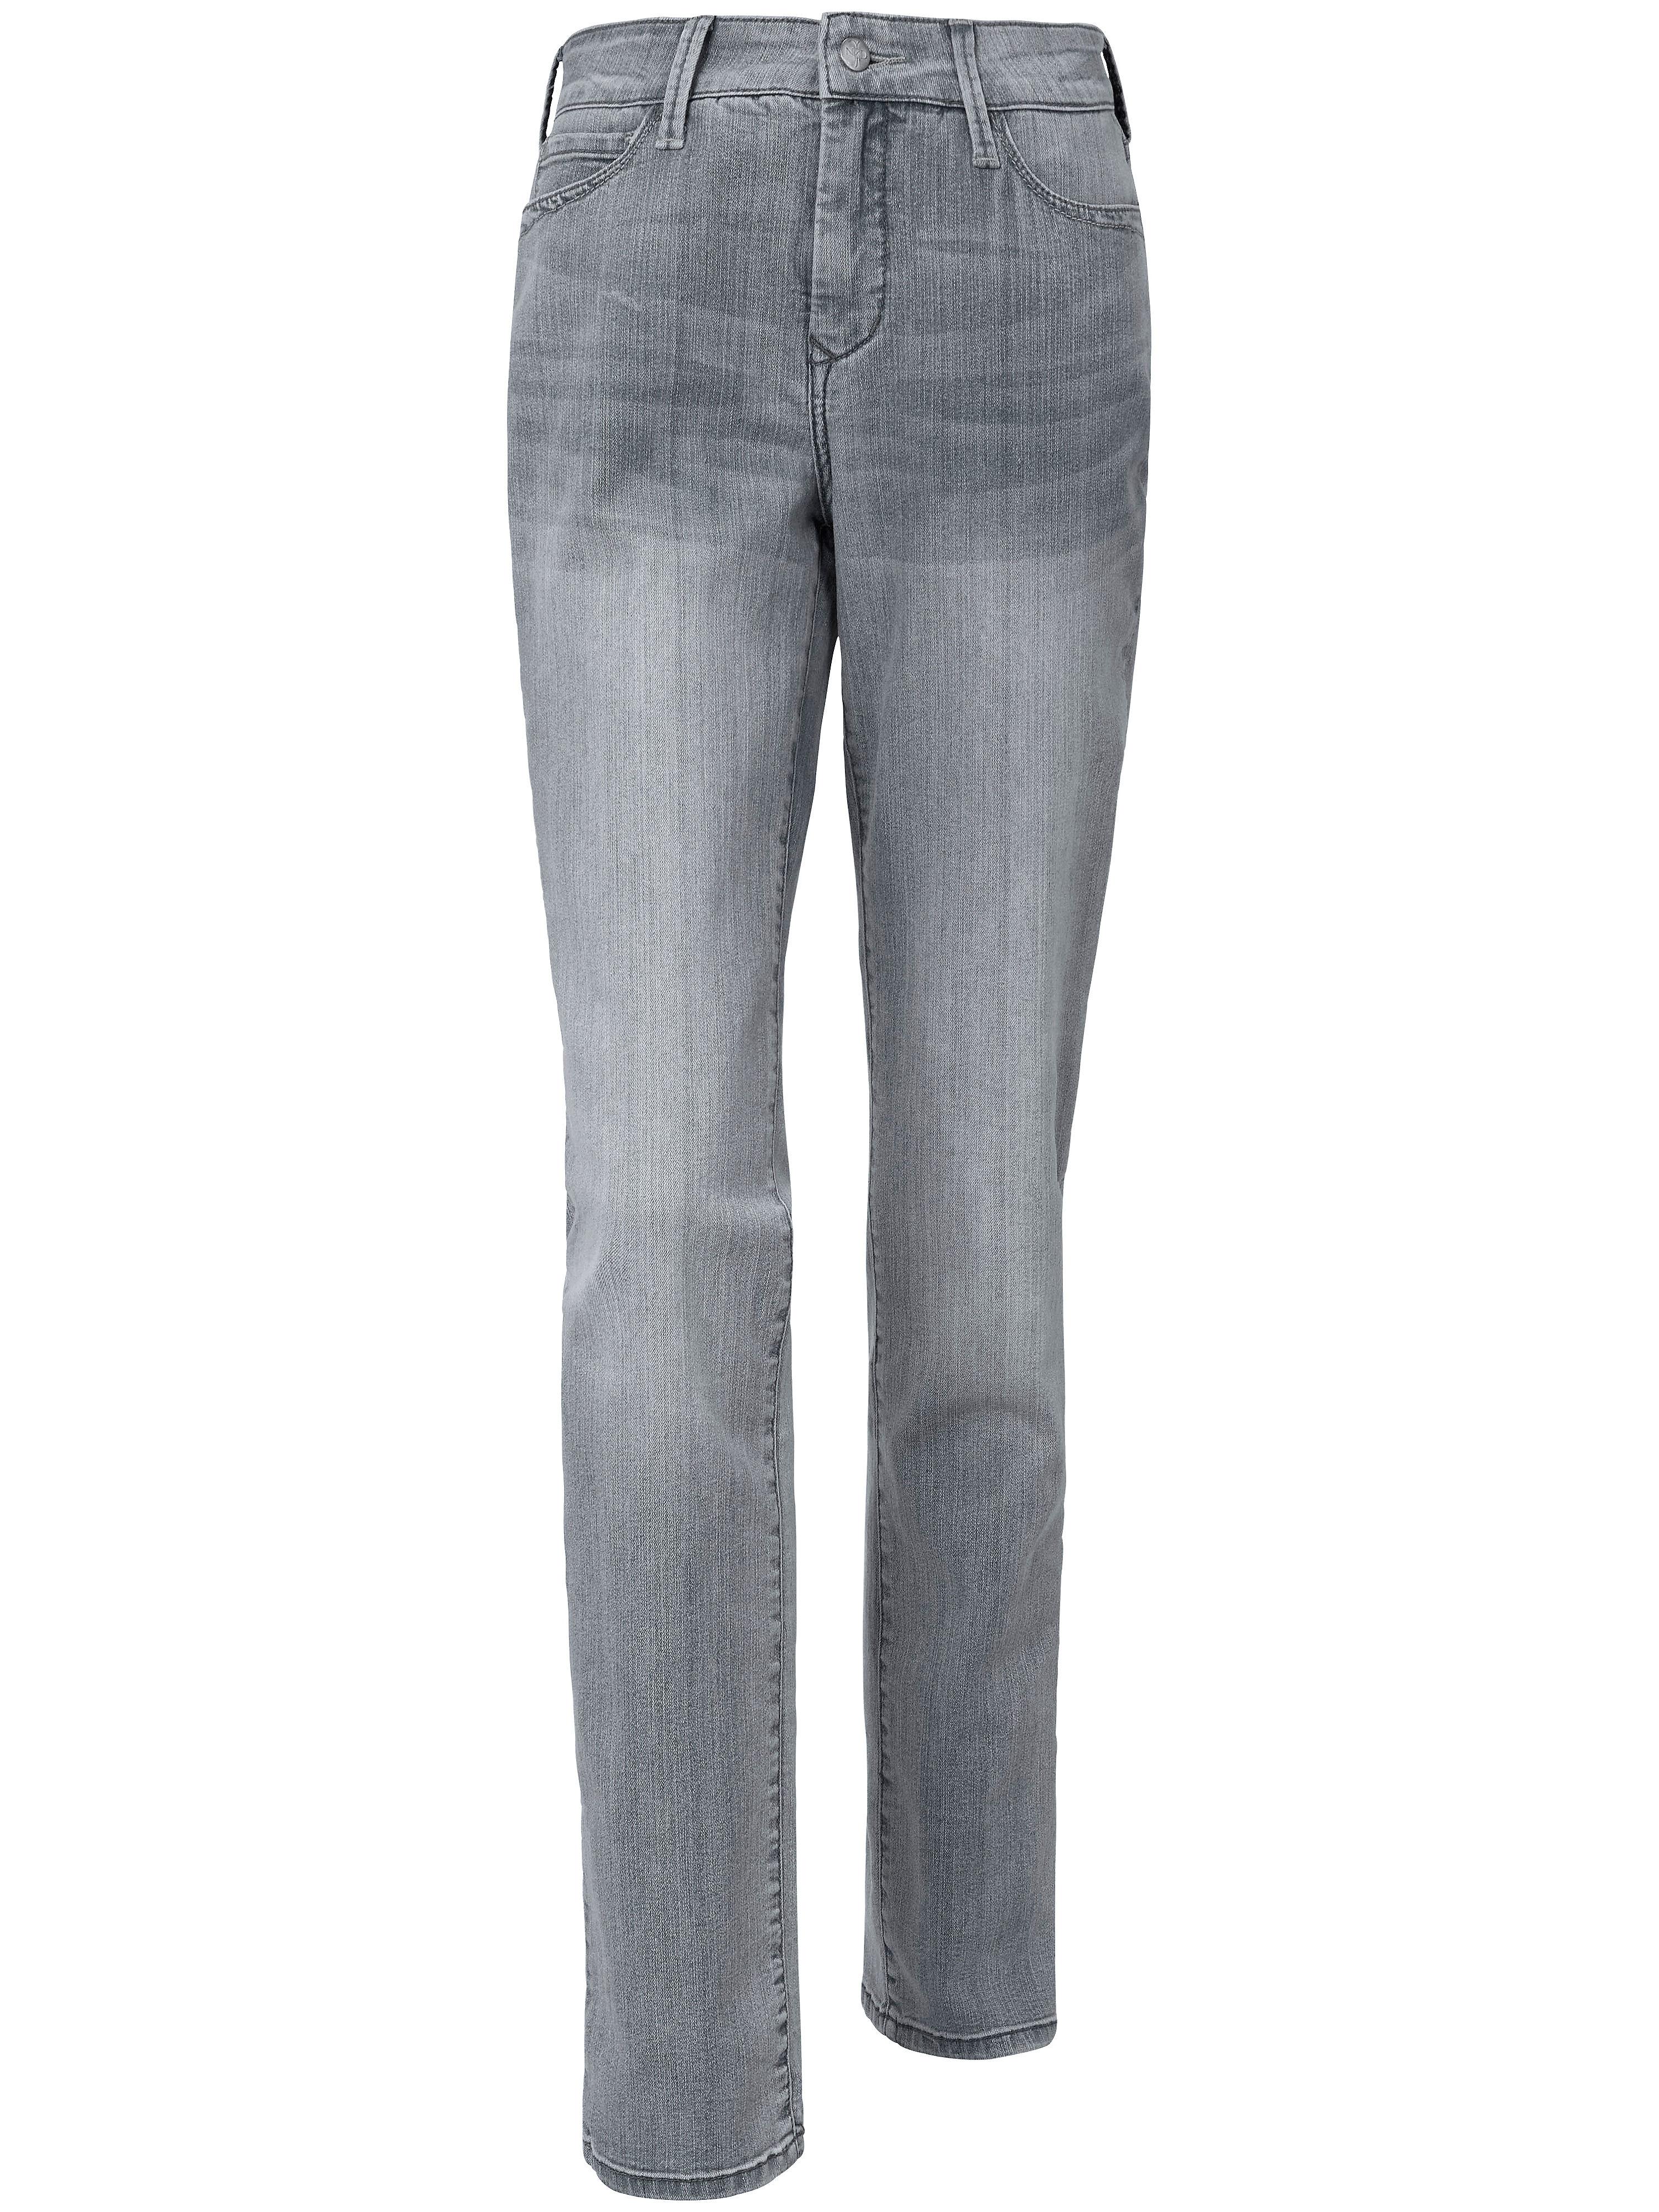 bei Peter Hahn: Jeans SKINNY NYDJ denim - Kurzgrößen